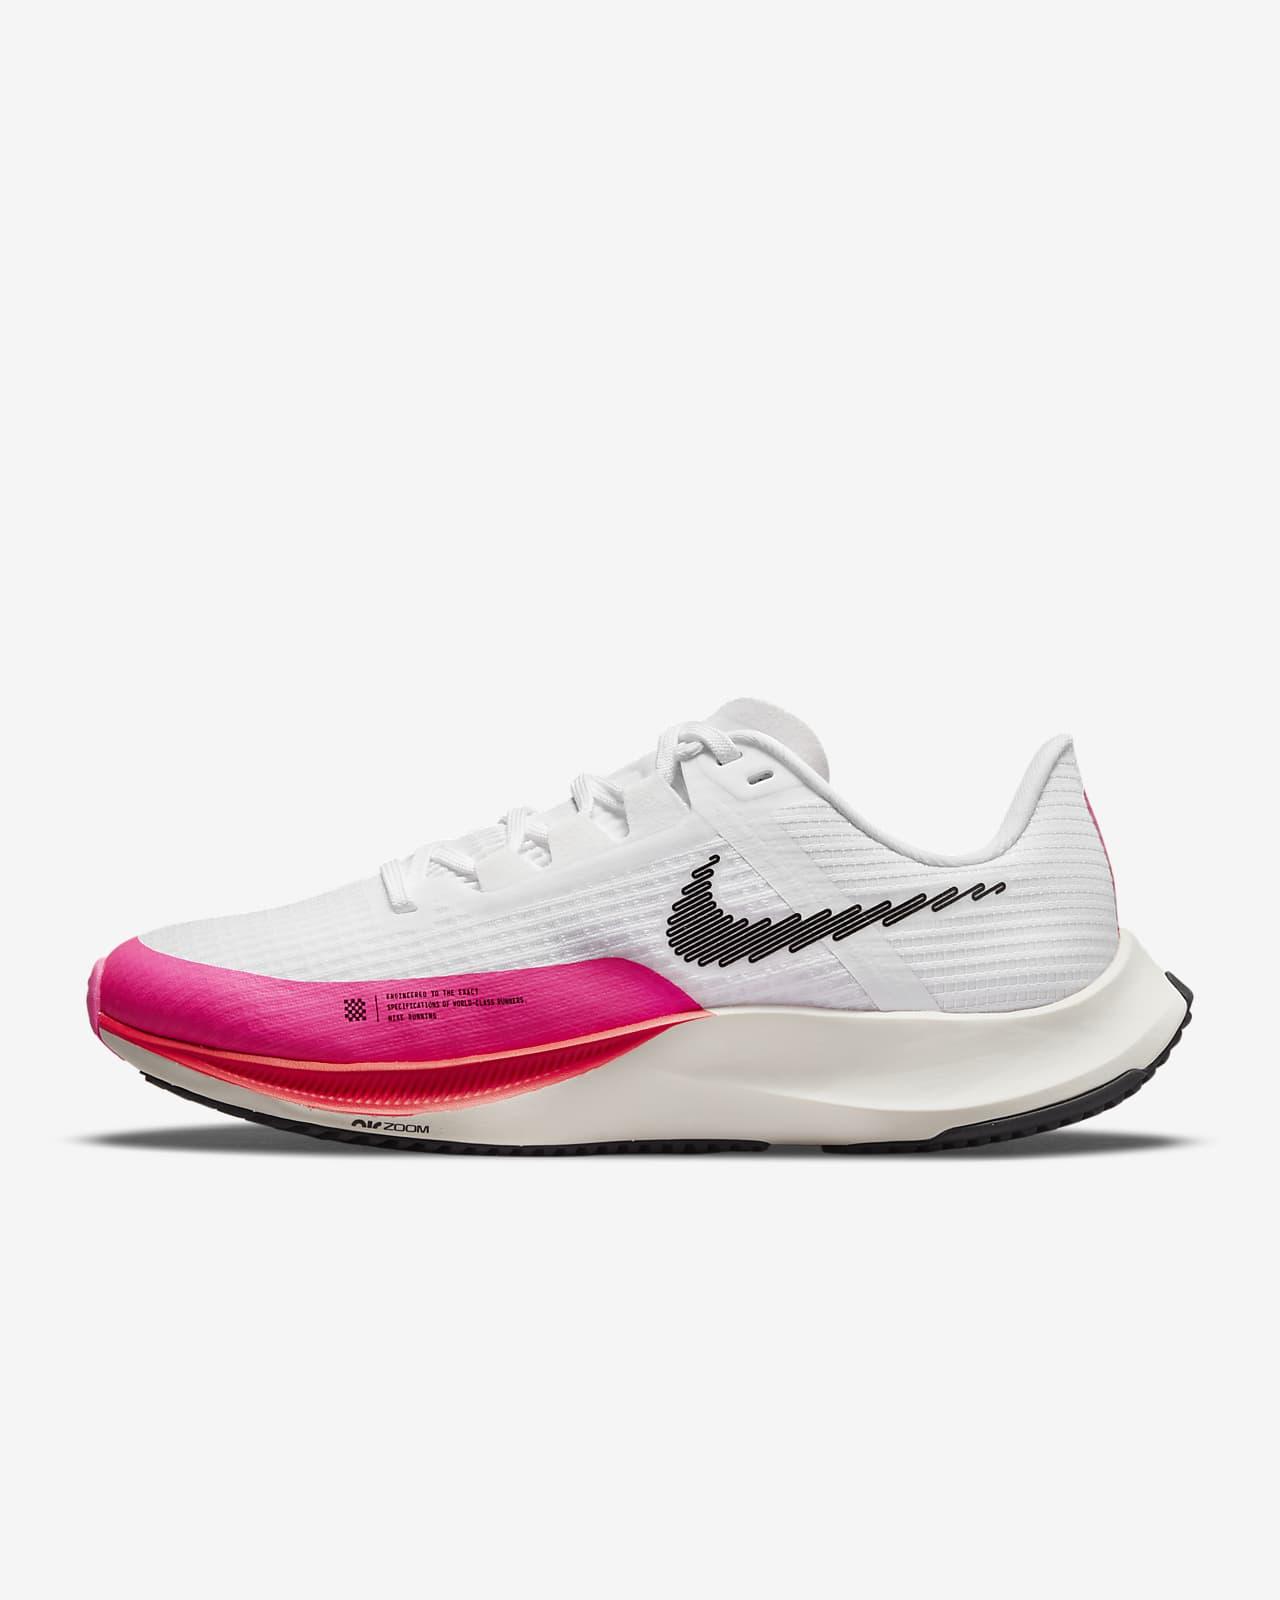 Nike Air Zoom Rival Fly 3 Damen-Straßenlaufschuh für Wettkämpfe